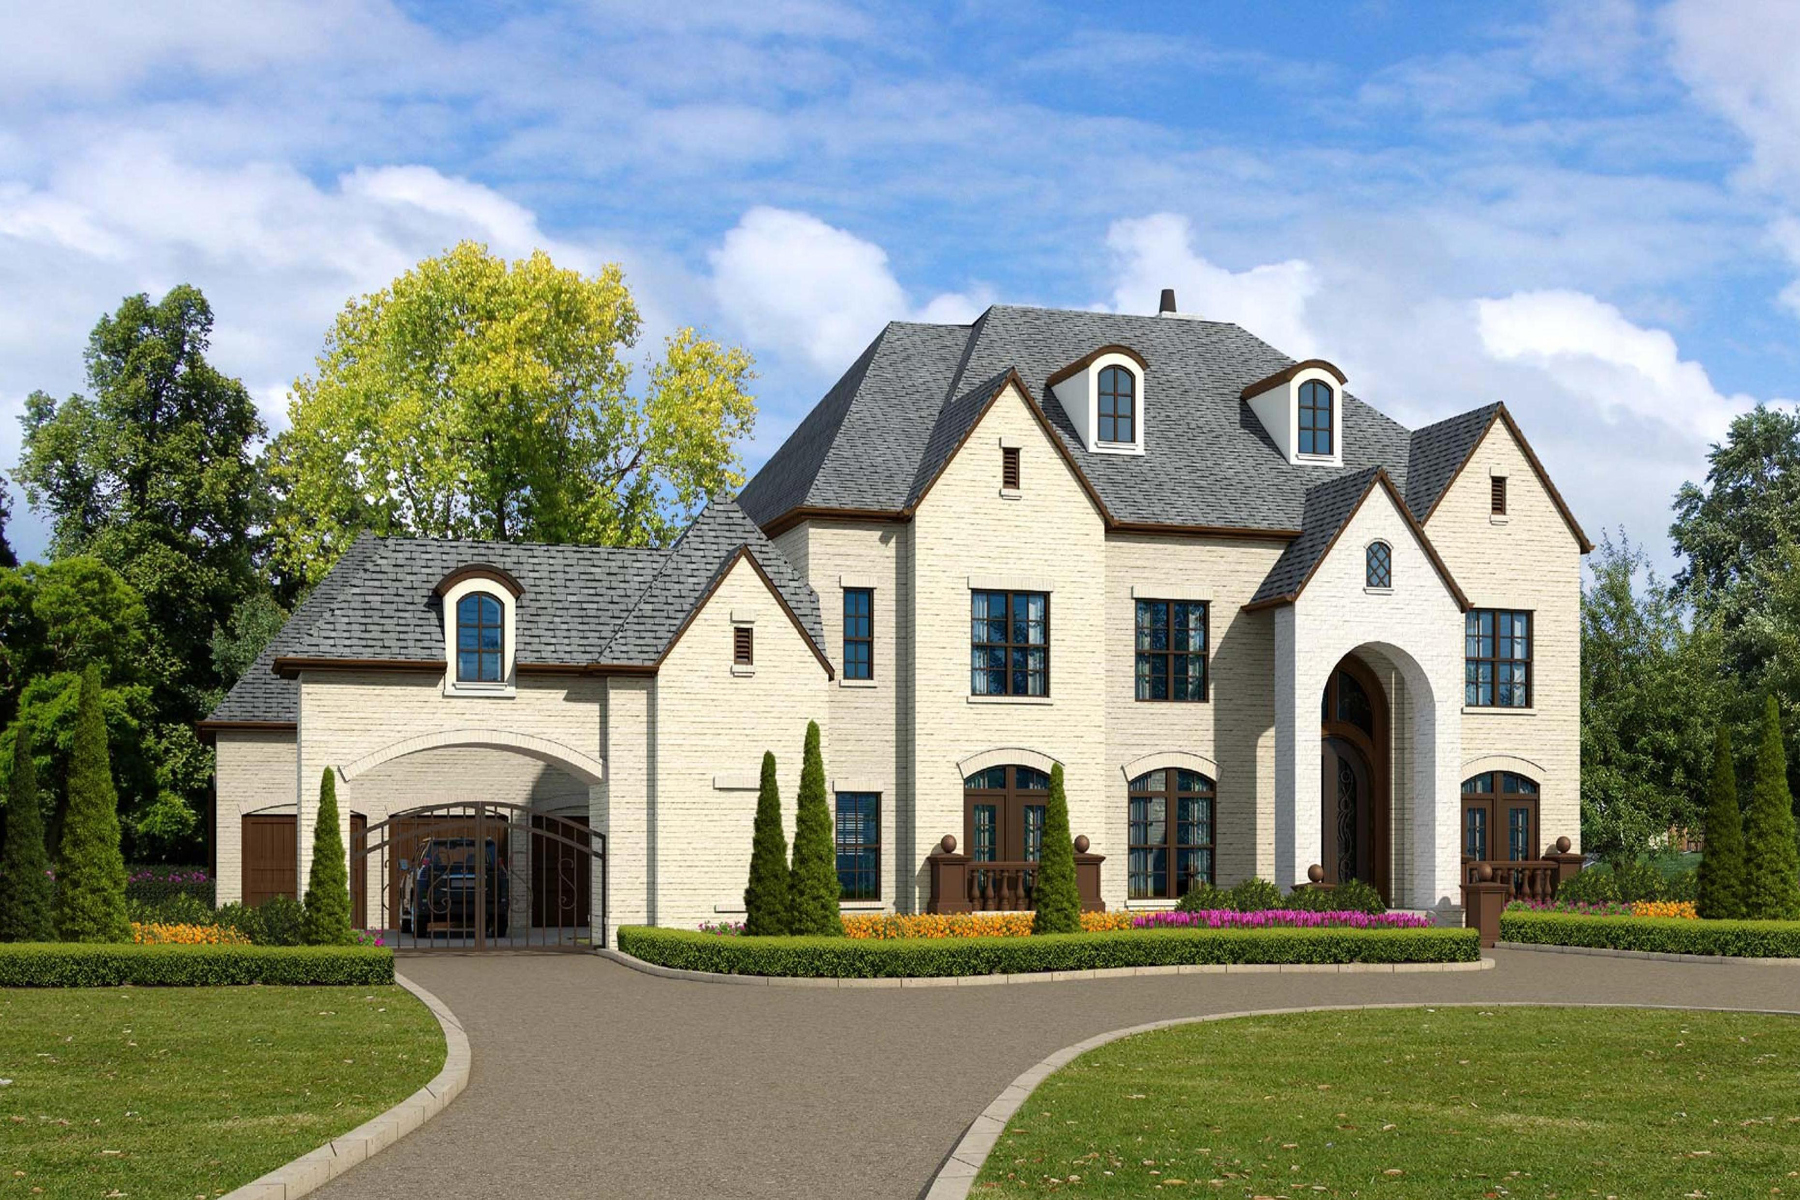 Частный односемейный дом для того Продажа на Brand New Custom Built Home In North Buckhead 479 Loridans Drive NE North Buckhead, Atlanta, Джорджия, 30342 Соединенные Штаты